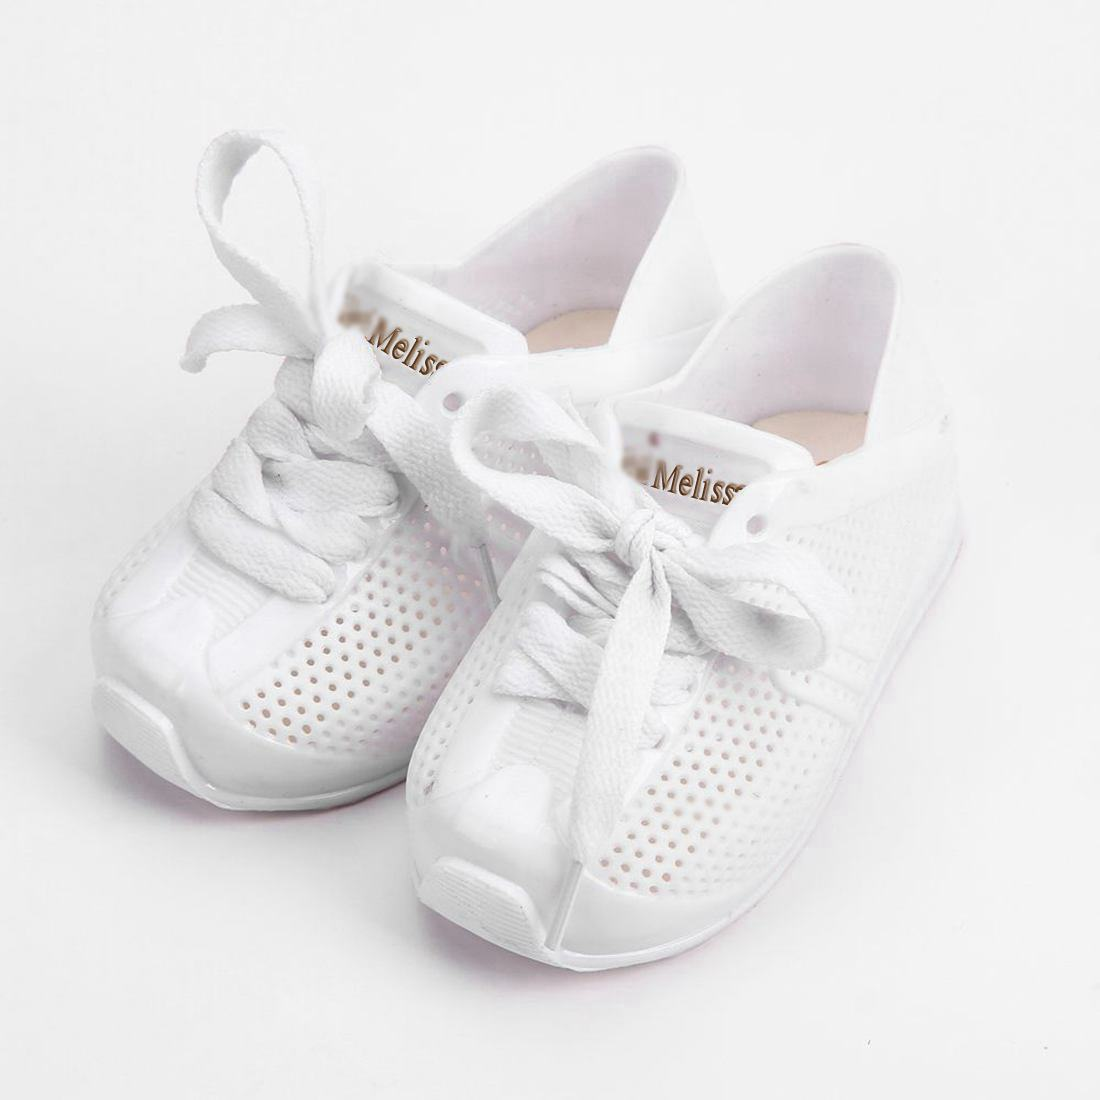 Melissa Scarpe Da Tennis di Sport 2018 Nuovo Inverno Piatto Slip-on Kids Mini Sandali Sneakers Traspirante Scarpe Amore Sistema Ragazza gelatina